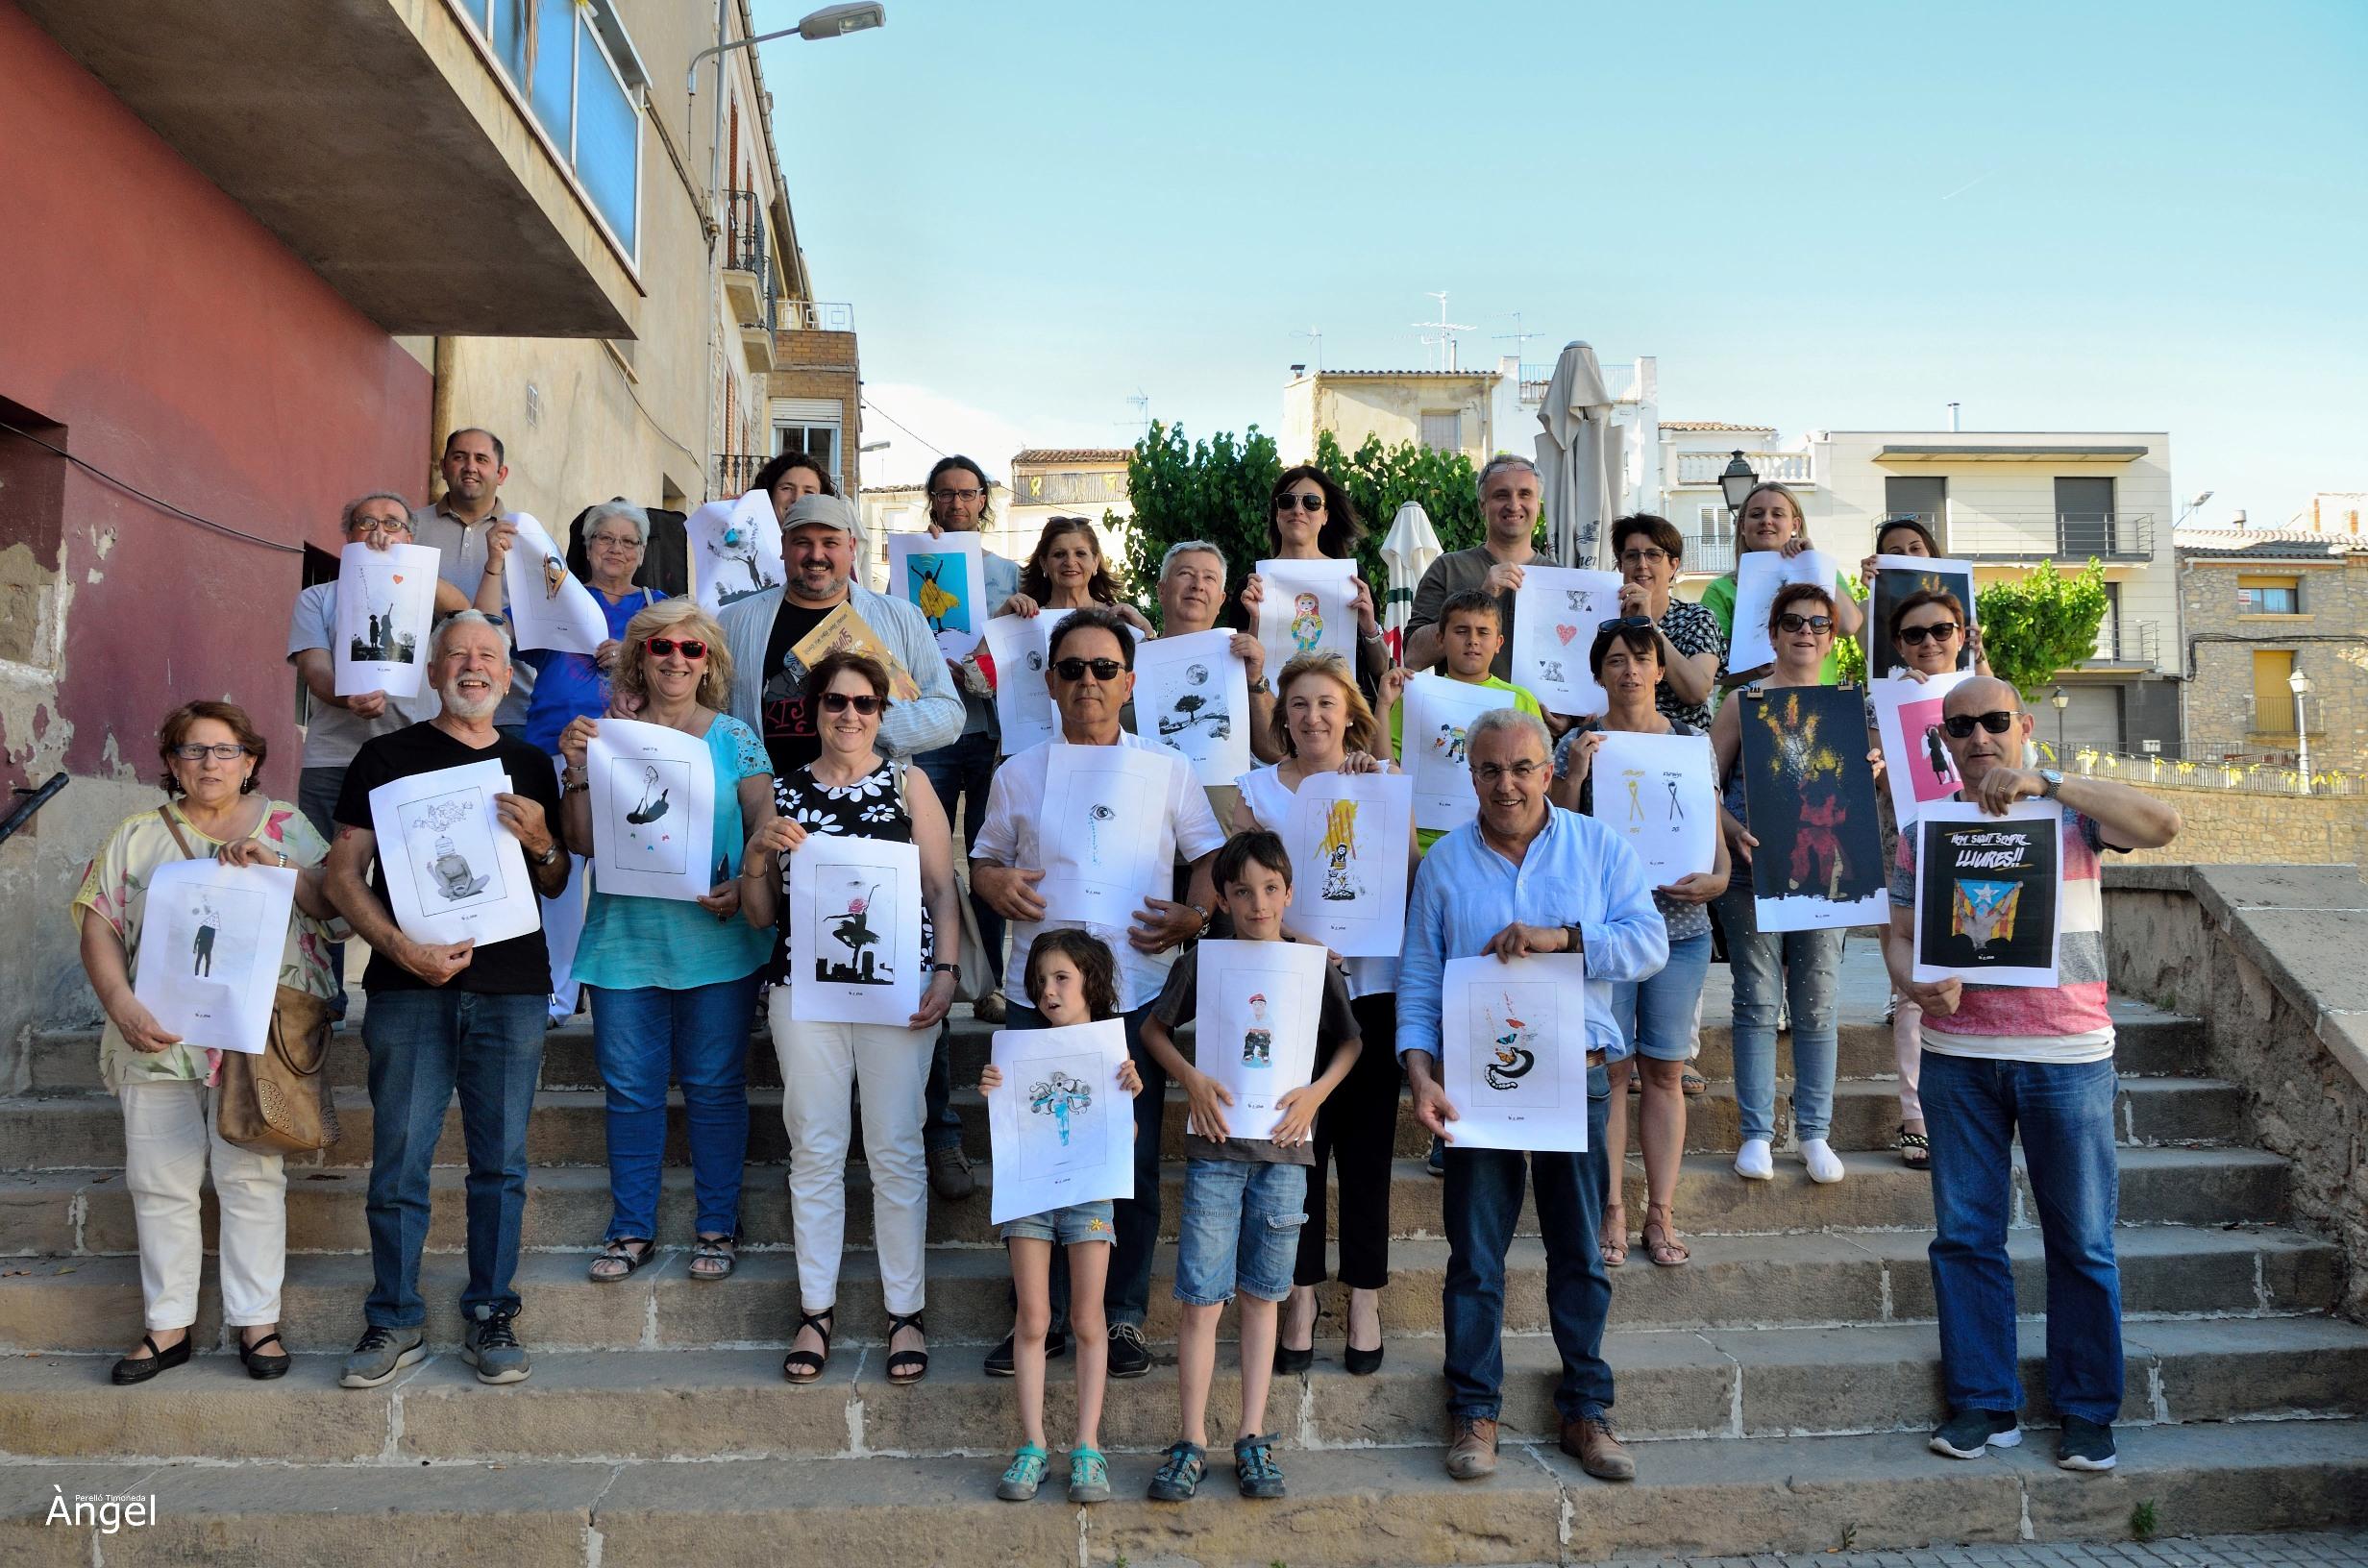 Donació d'una col·lecció de làmines i poesies, úniques i inèdites, a l'Ajuntament de les Borges